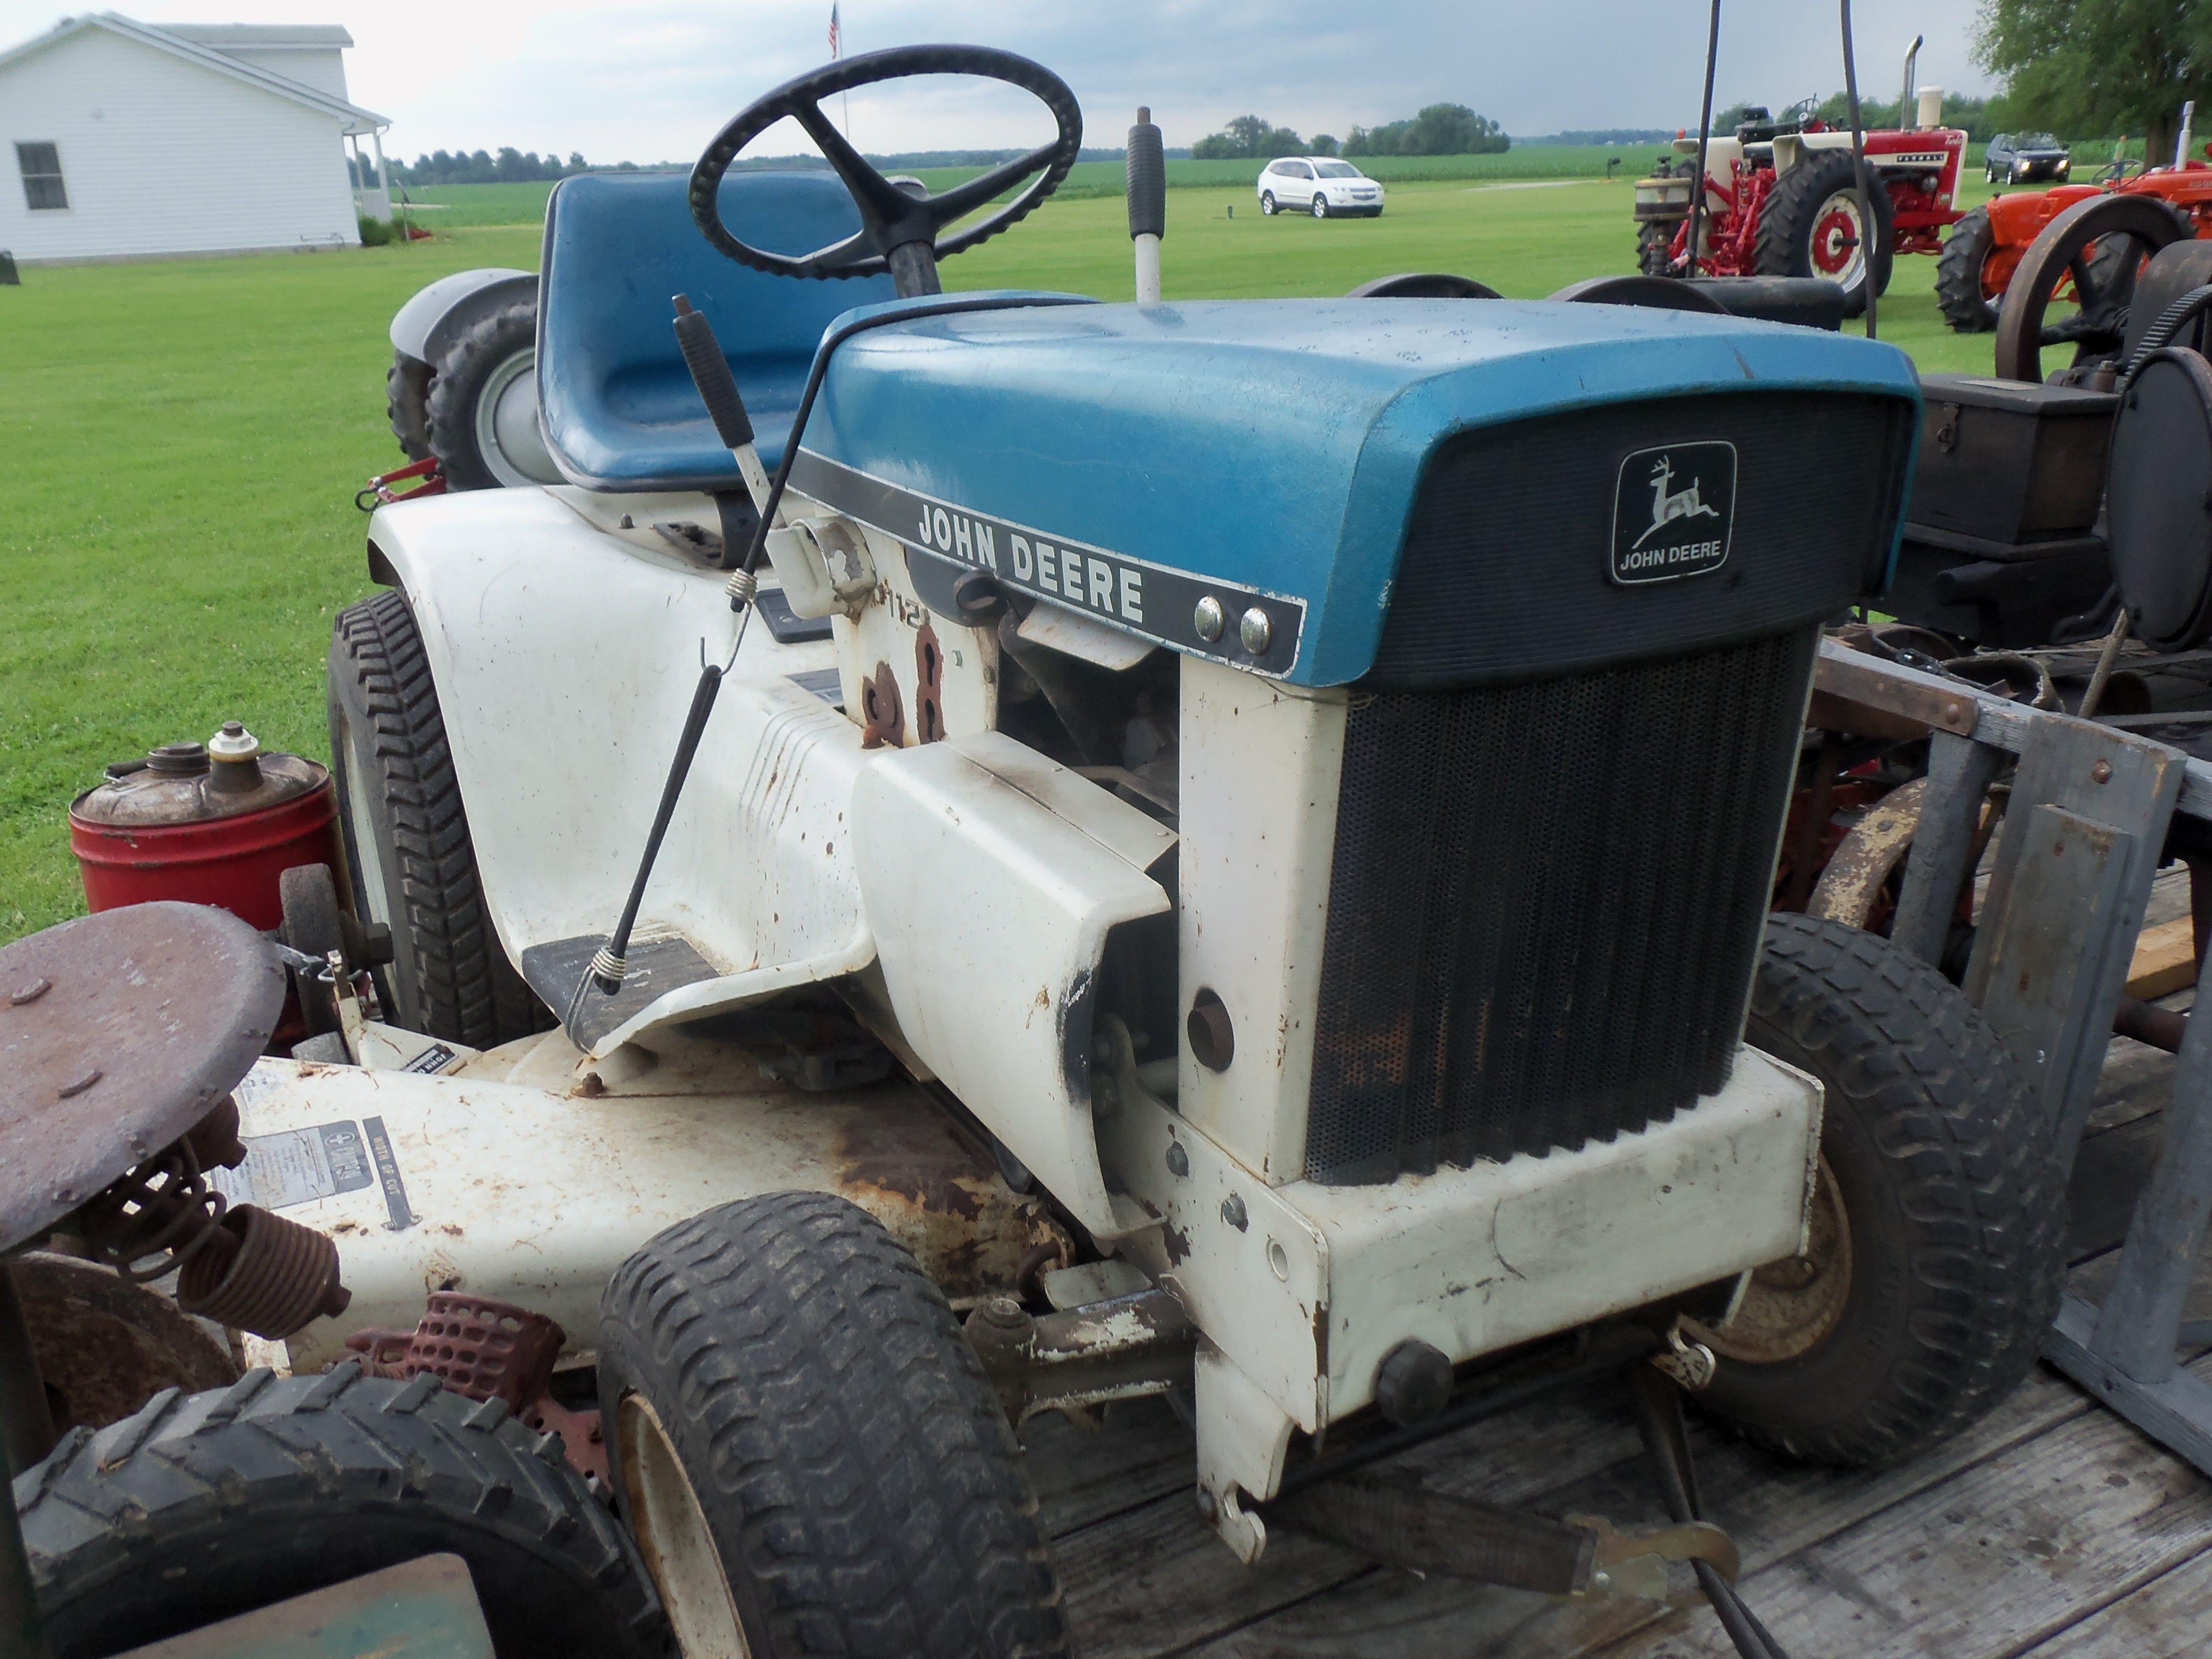 John Deere 112 Patio Lawn U0026 Garden Tractor